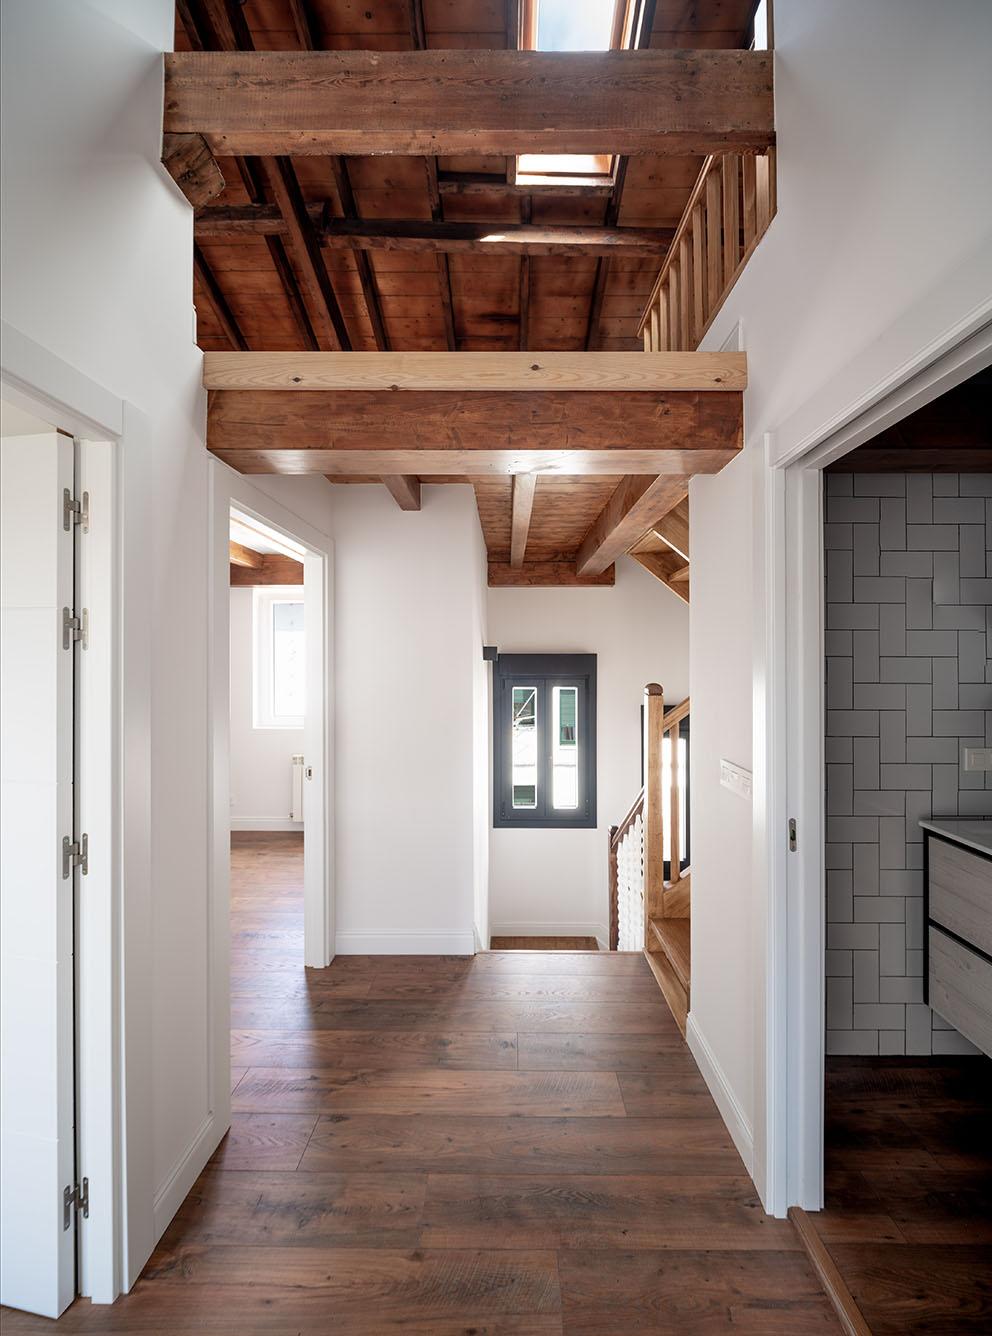 Imagen de rellano, Fotografía de arquitectura - Reportaje fotográfico de vivienda en Getxo